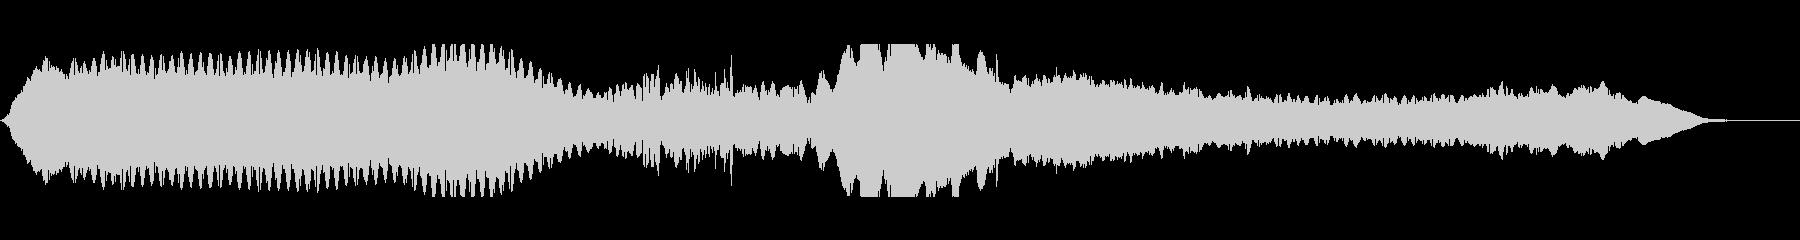 電磁式シマードローンの未再生の波形